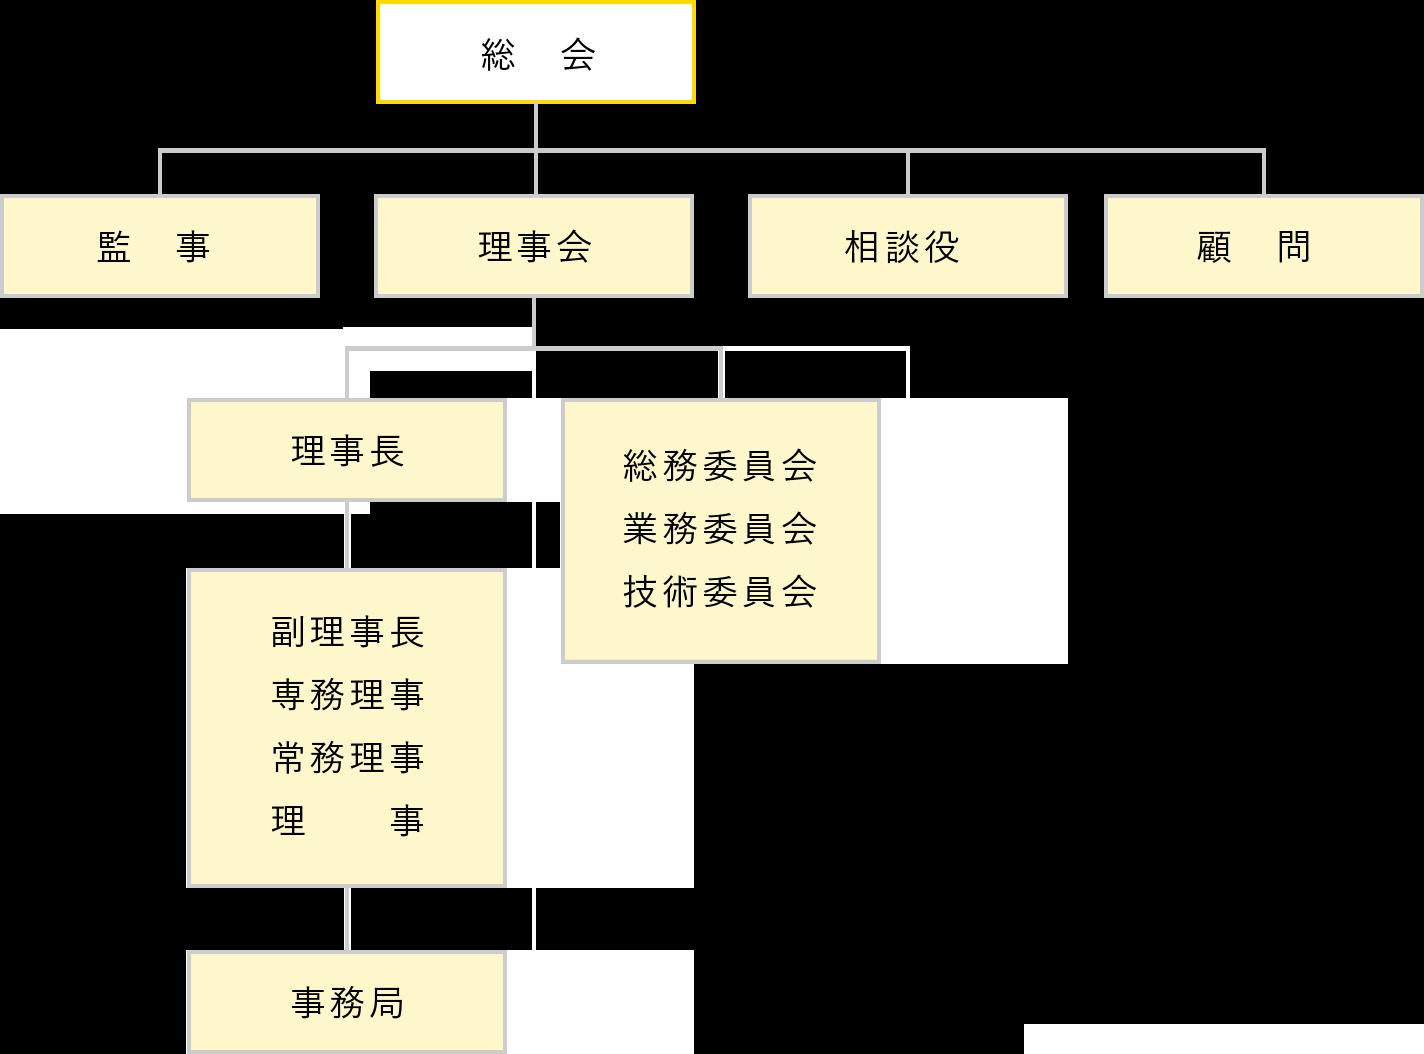 【図】組織図